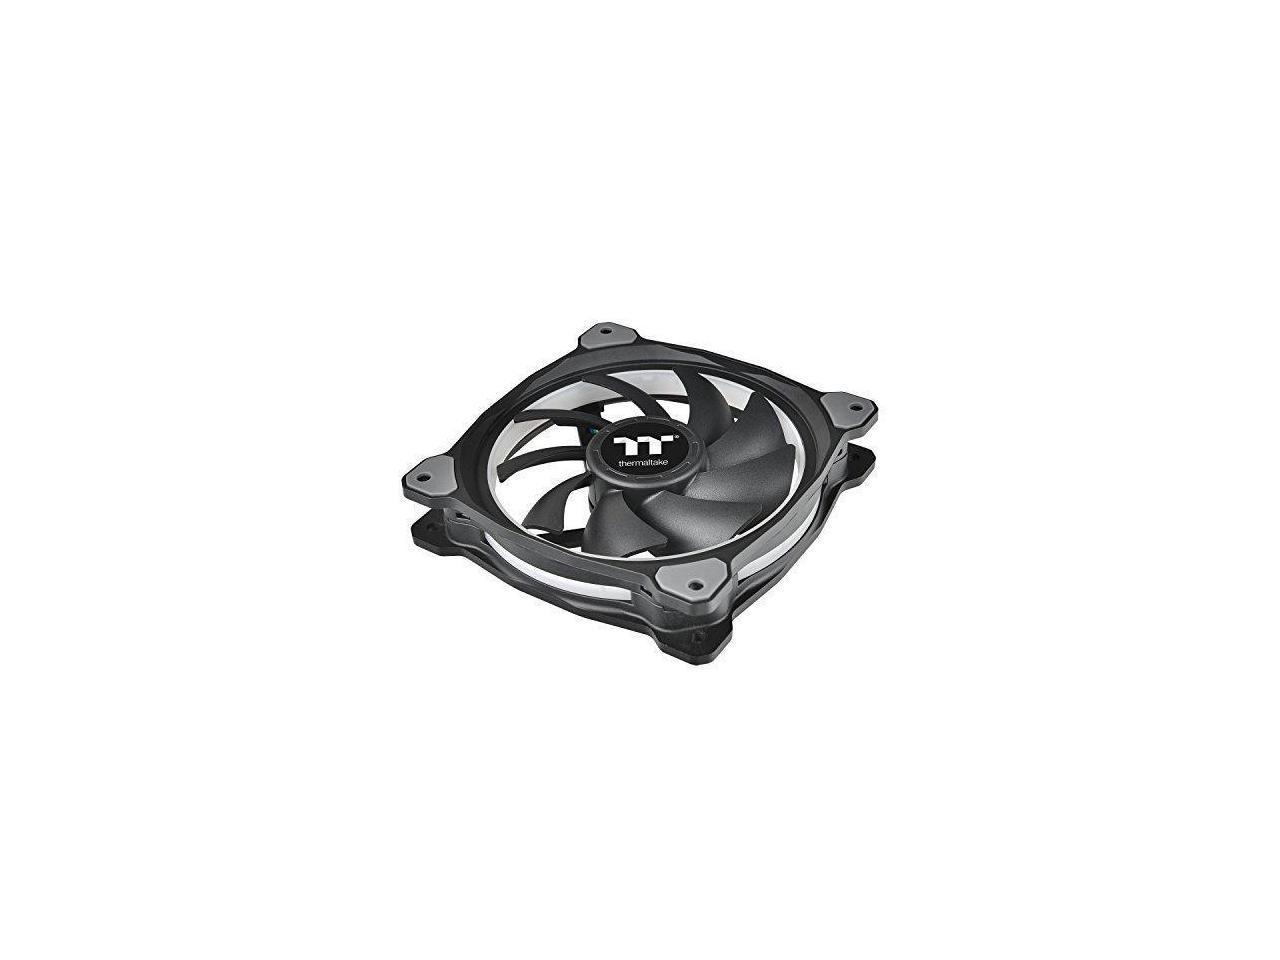 Thermaltake Riing 14 RGB - High Static Pressure 140mm RGB LED Ring Fan